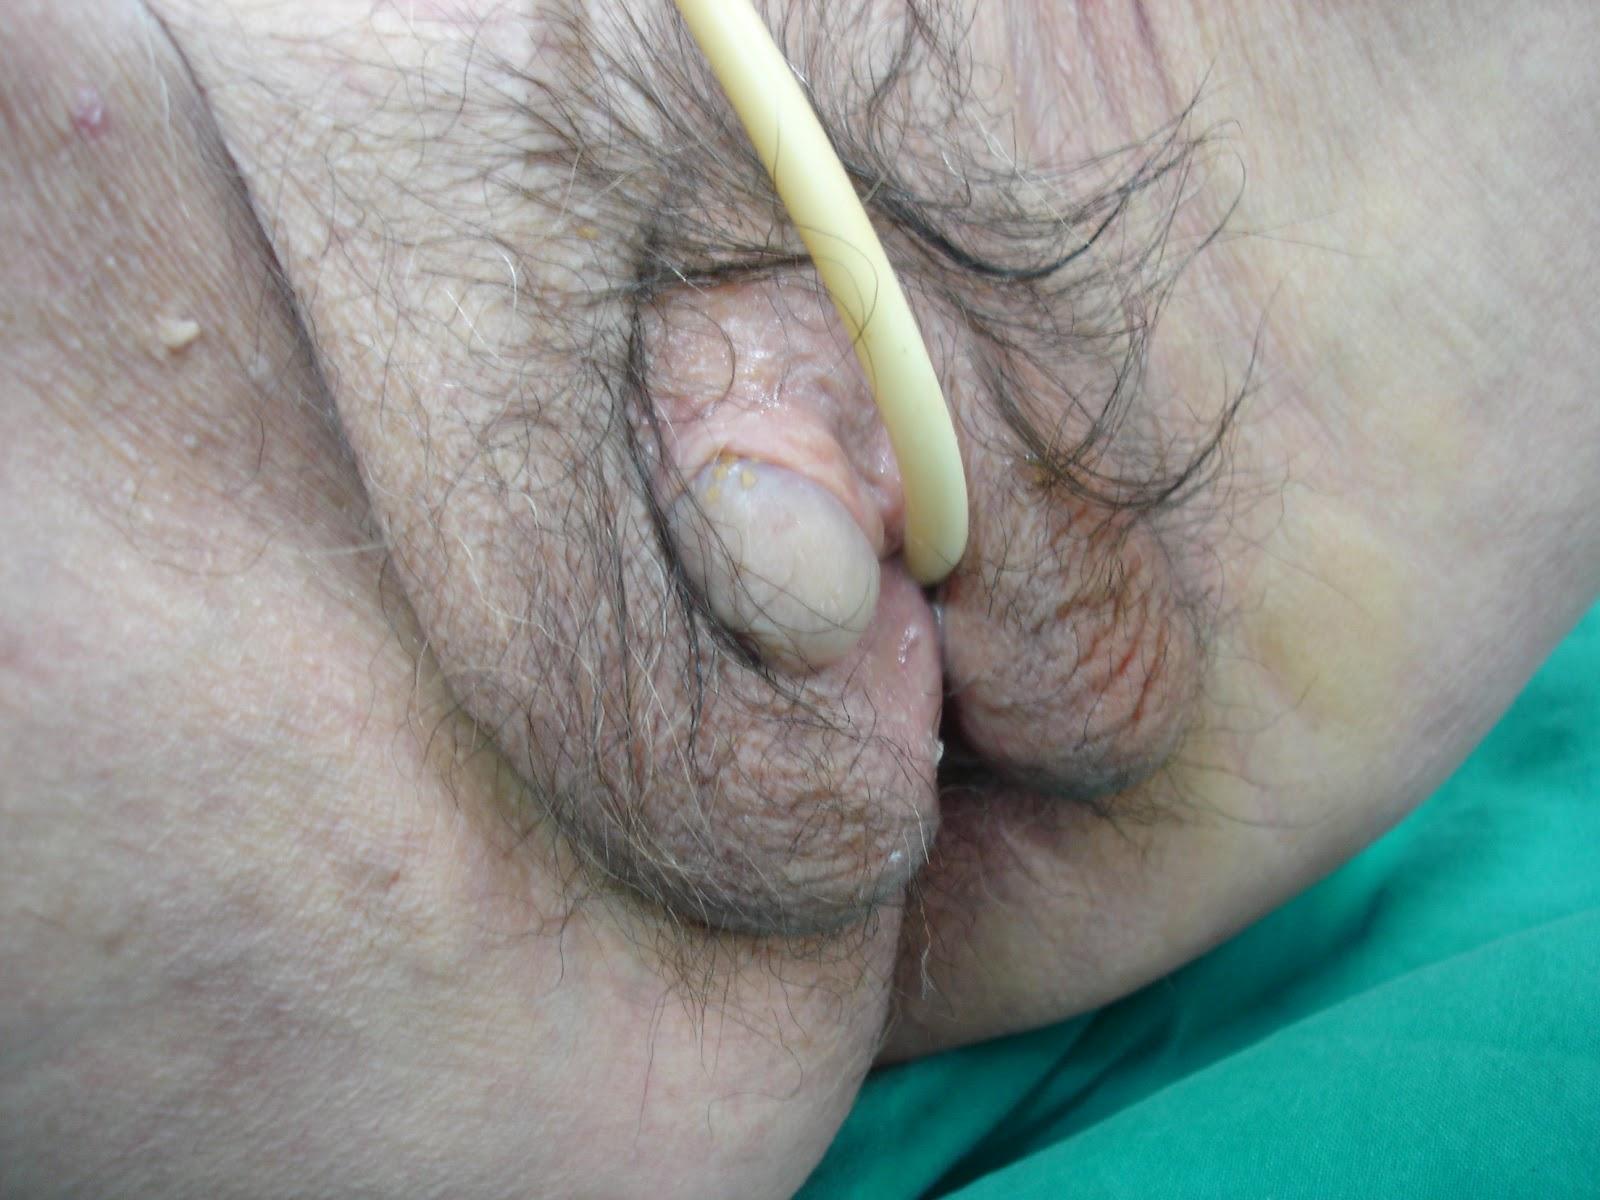 Фото гениталий двухполого человека 8 фотография